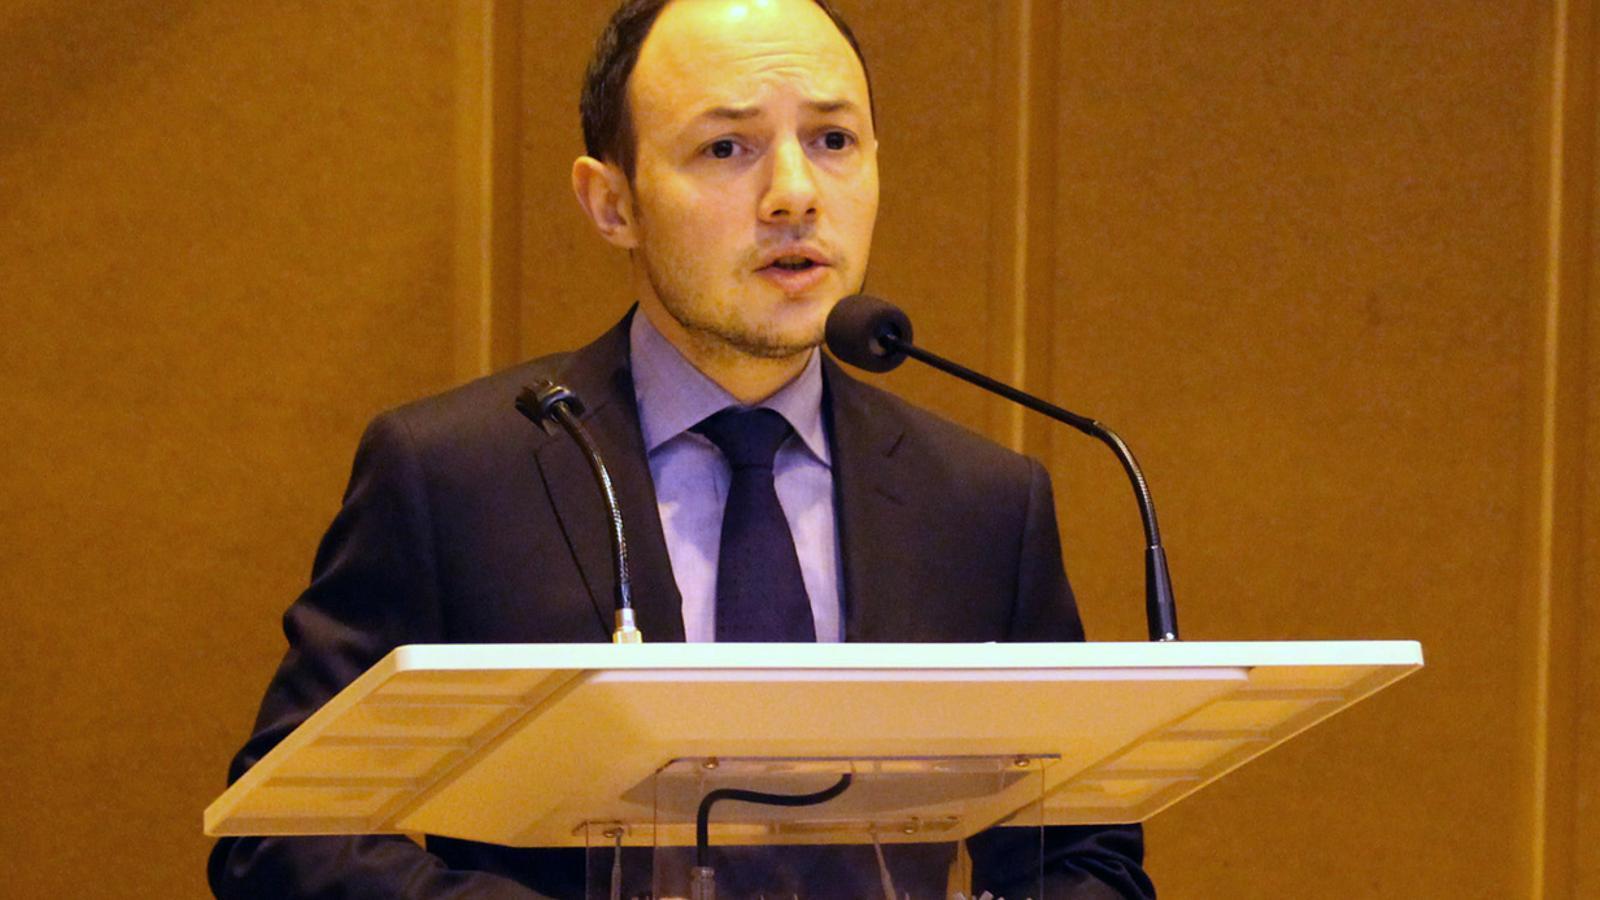 El govern recorrer la reincorporaci de l 39 agent implicat for Ministre interior